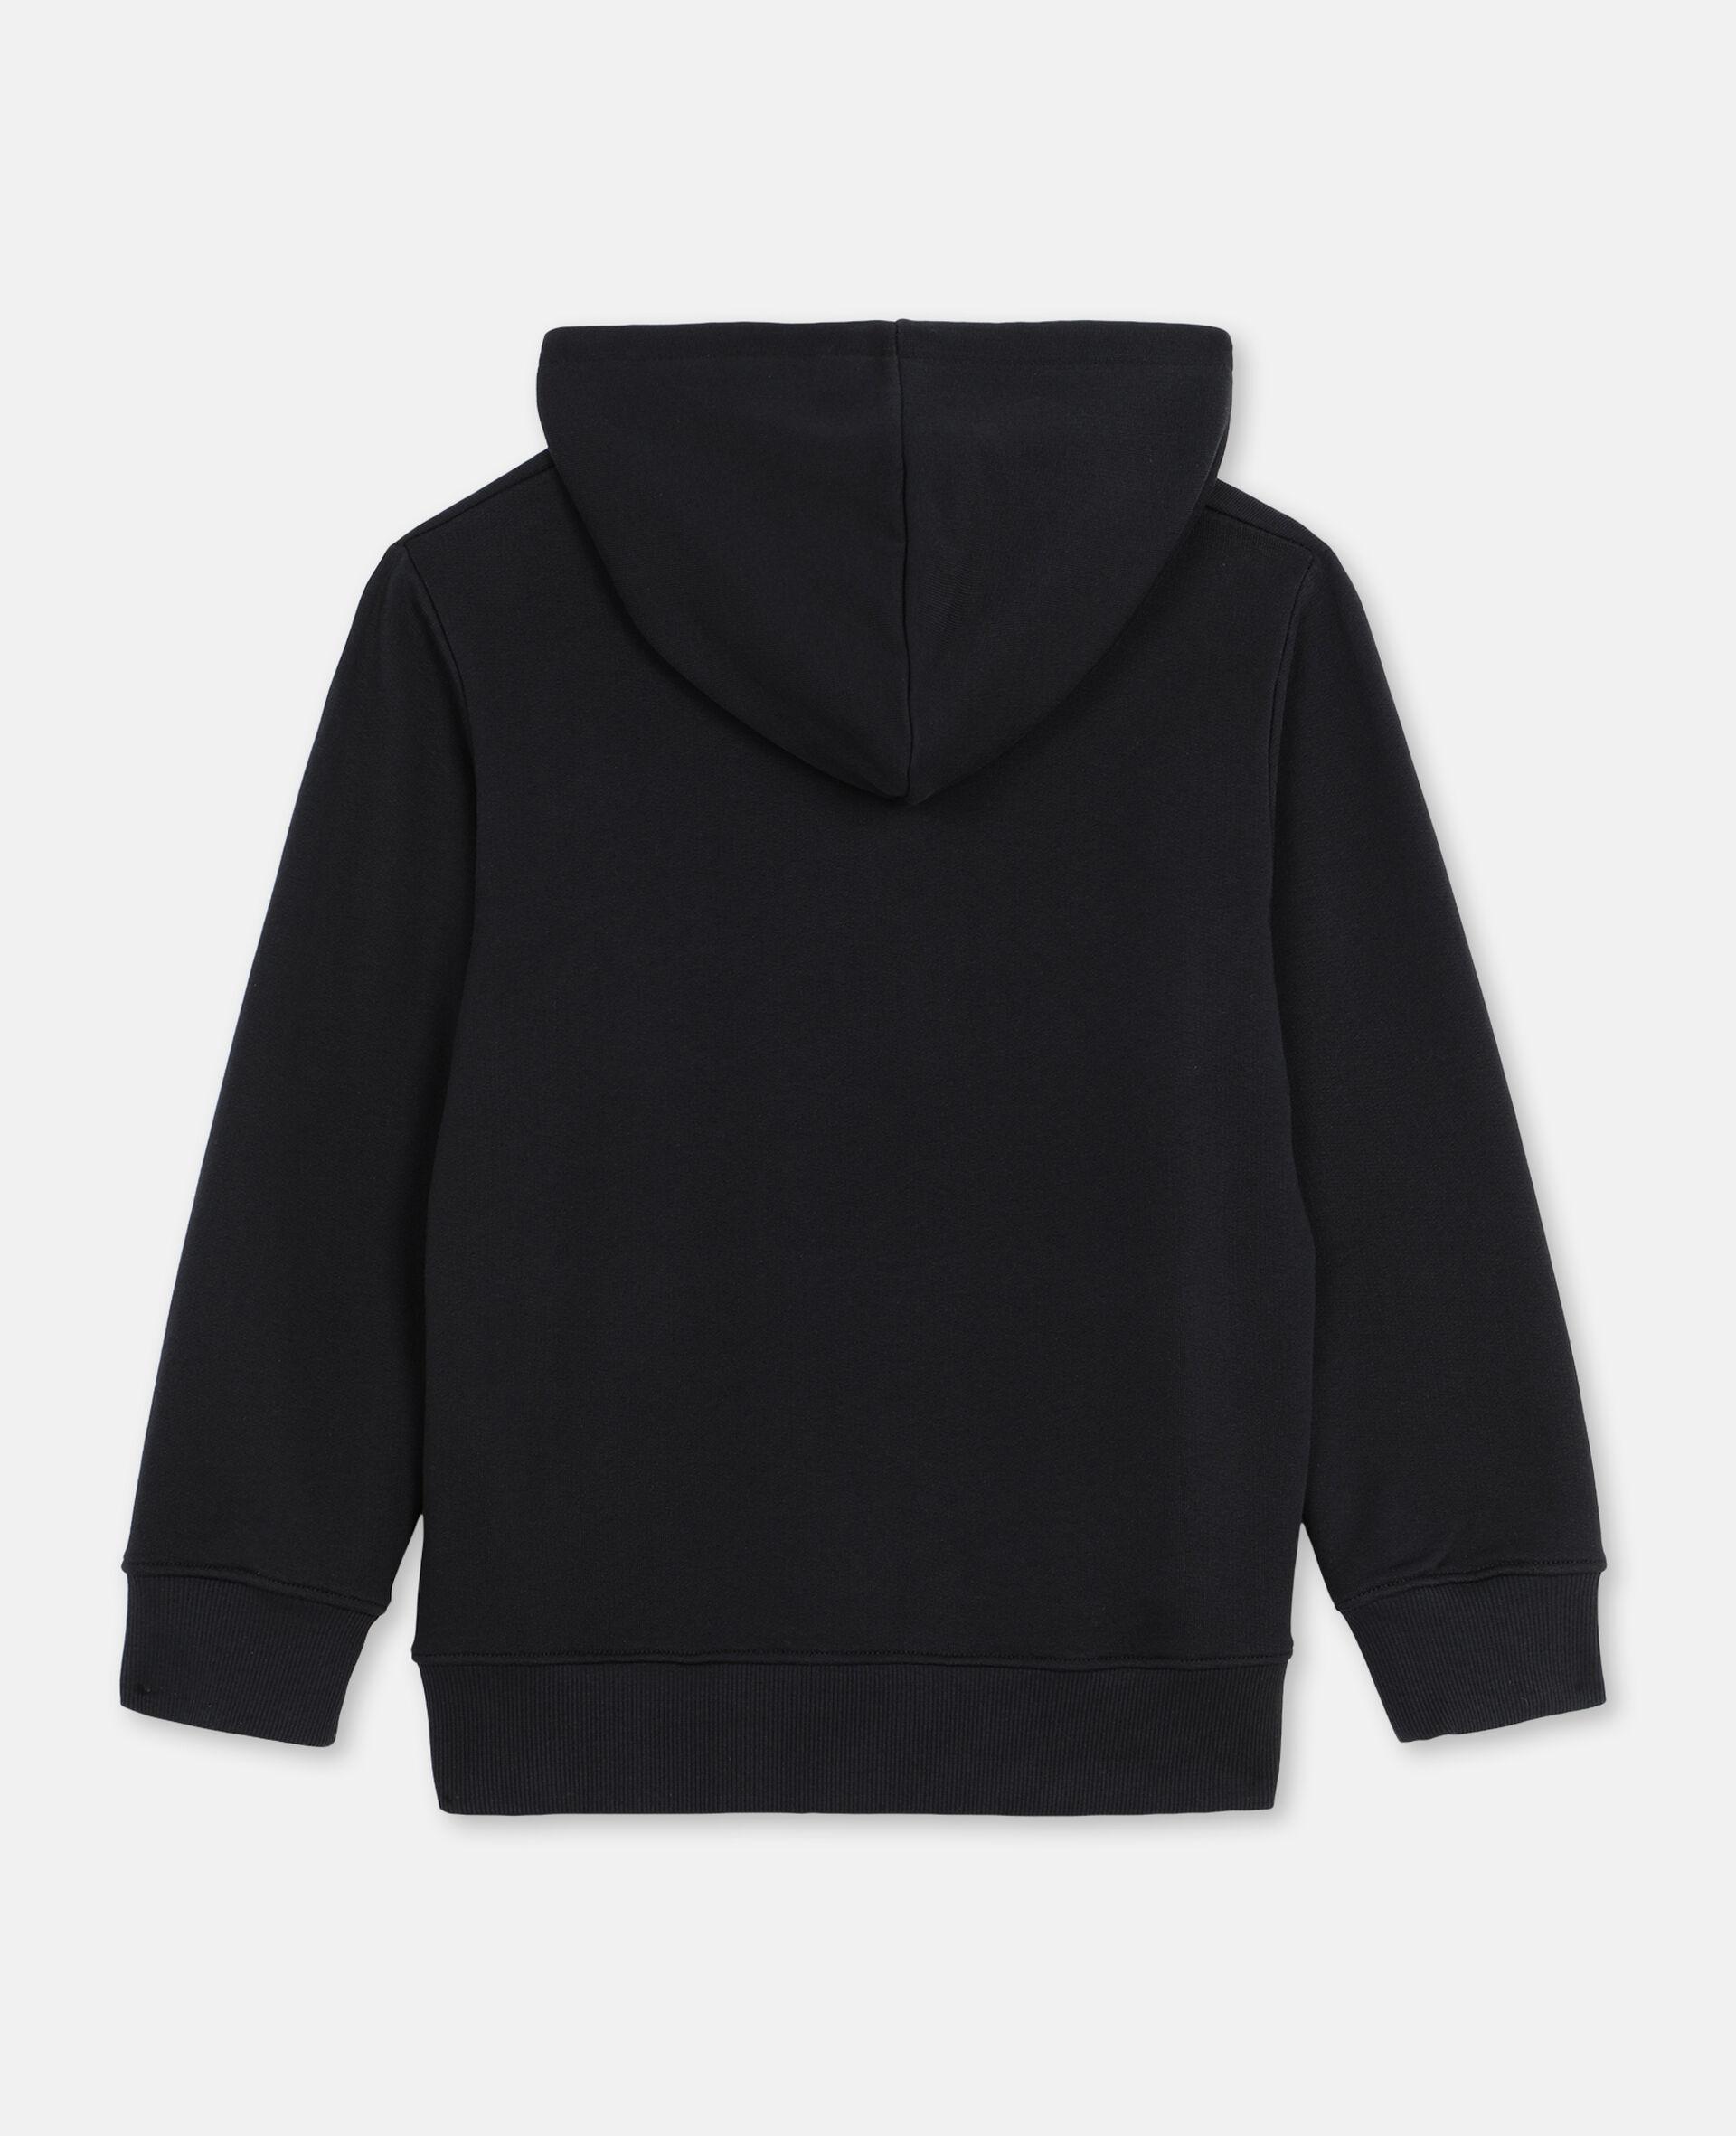 Skater 阔型棉质连帽衫 -黑色-large image number 3